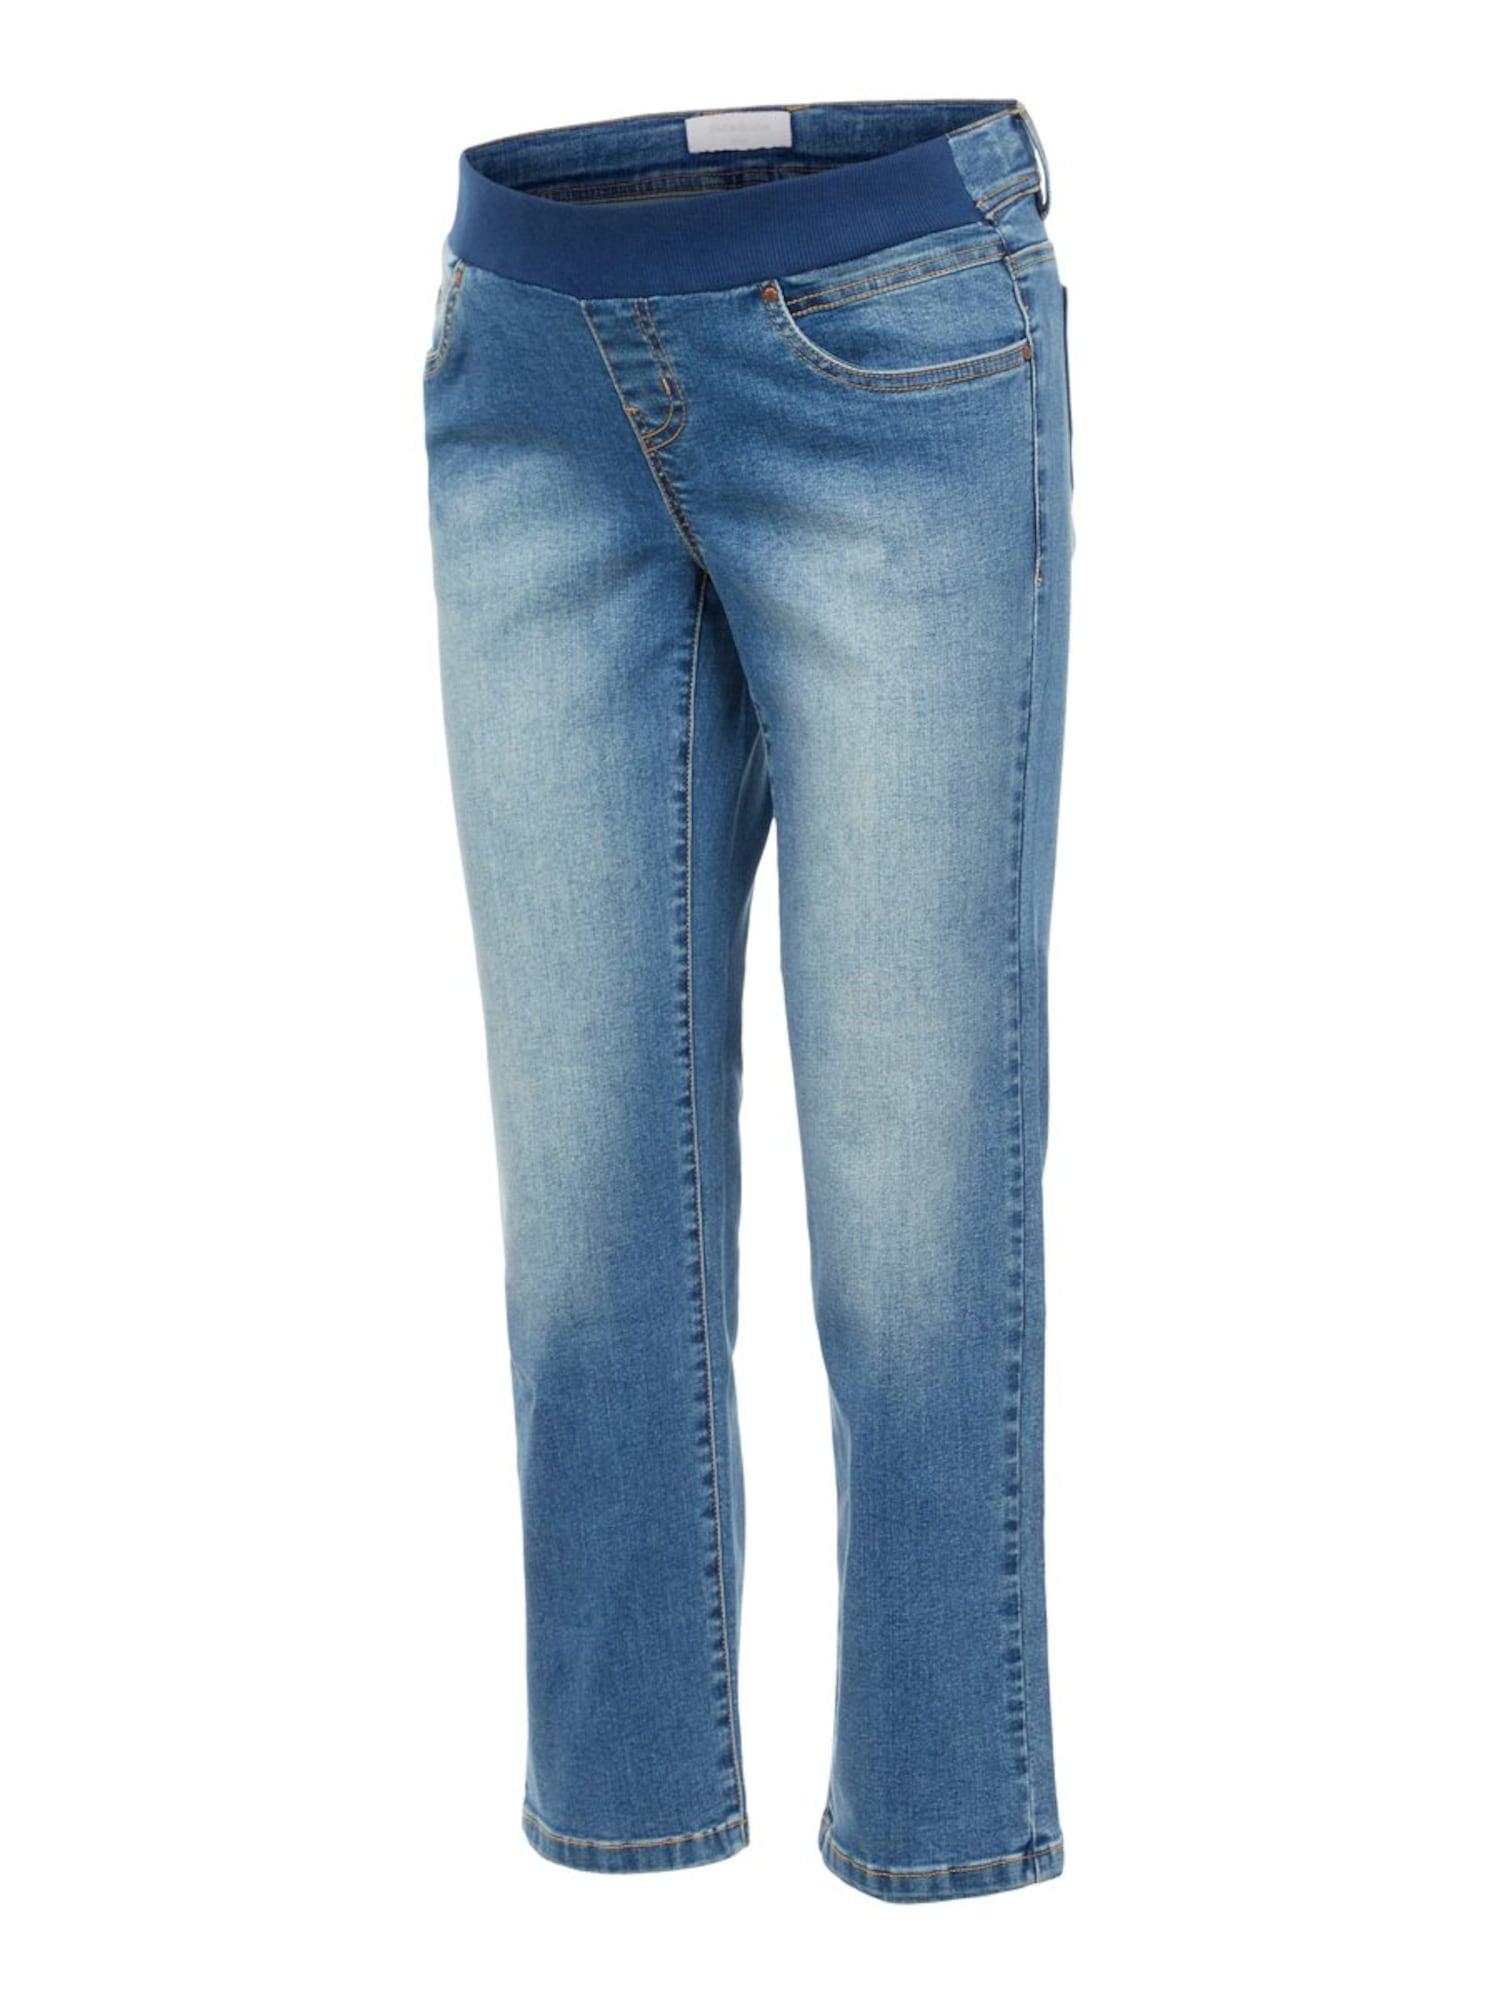 MAMALICIOUS Jean 'Marbella'  - Bleu - Taille: 28/32 - female